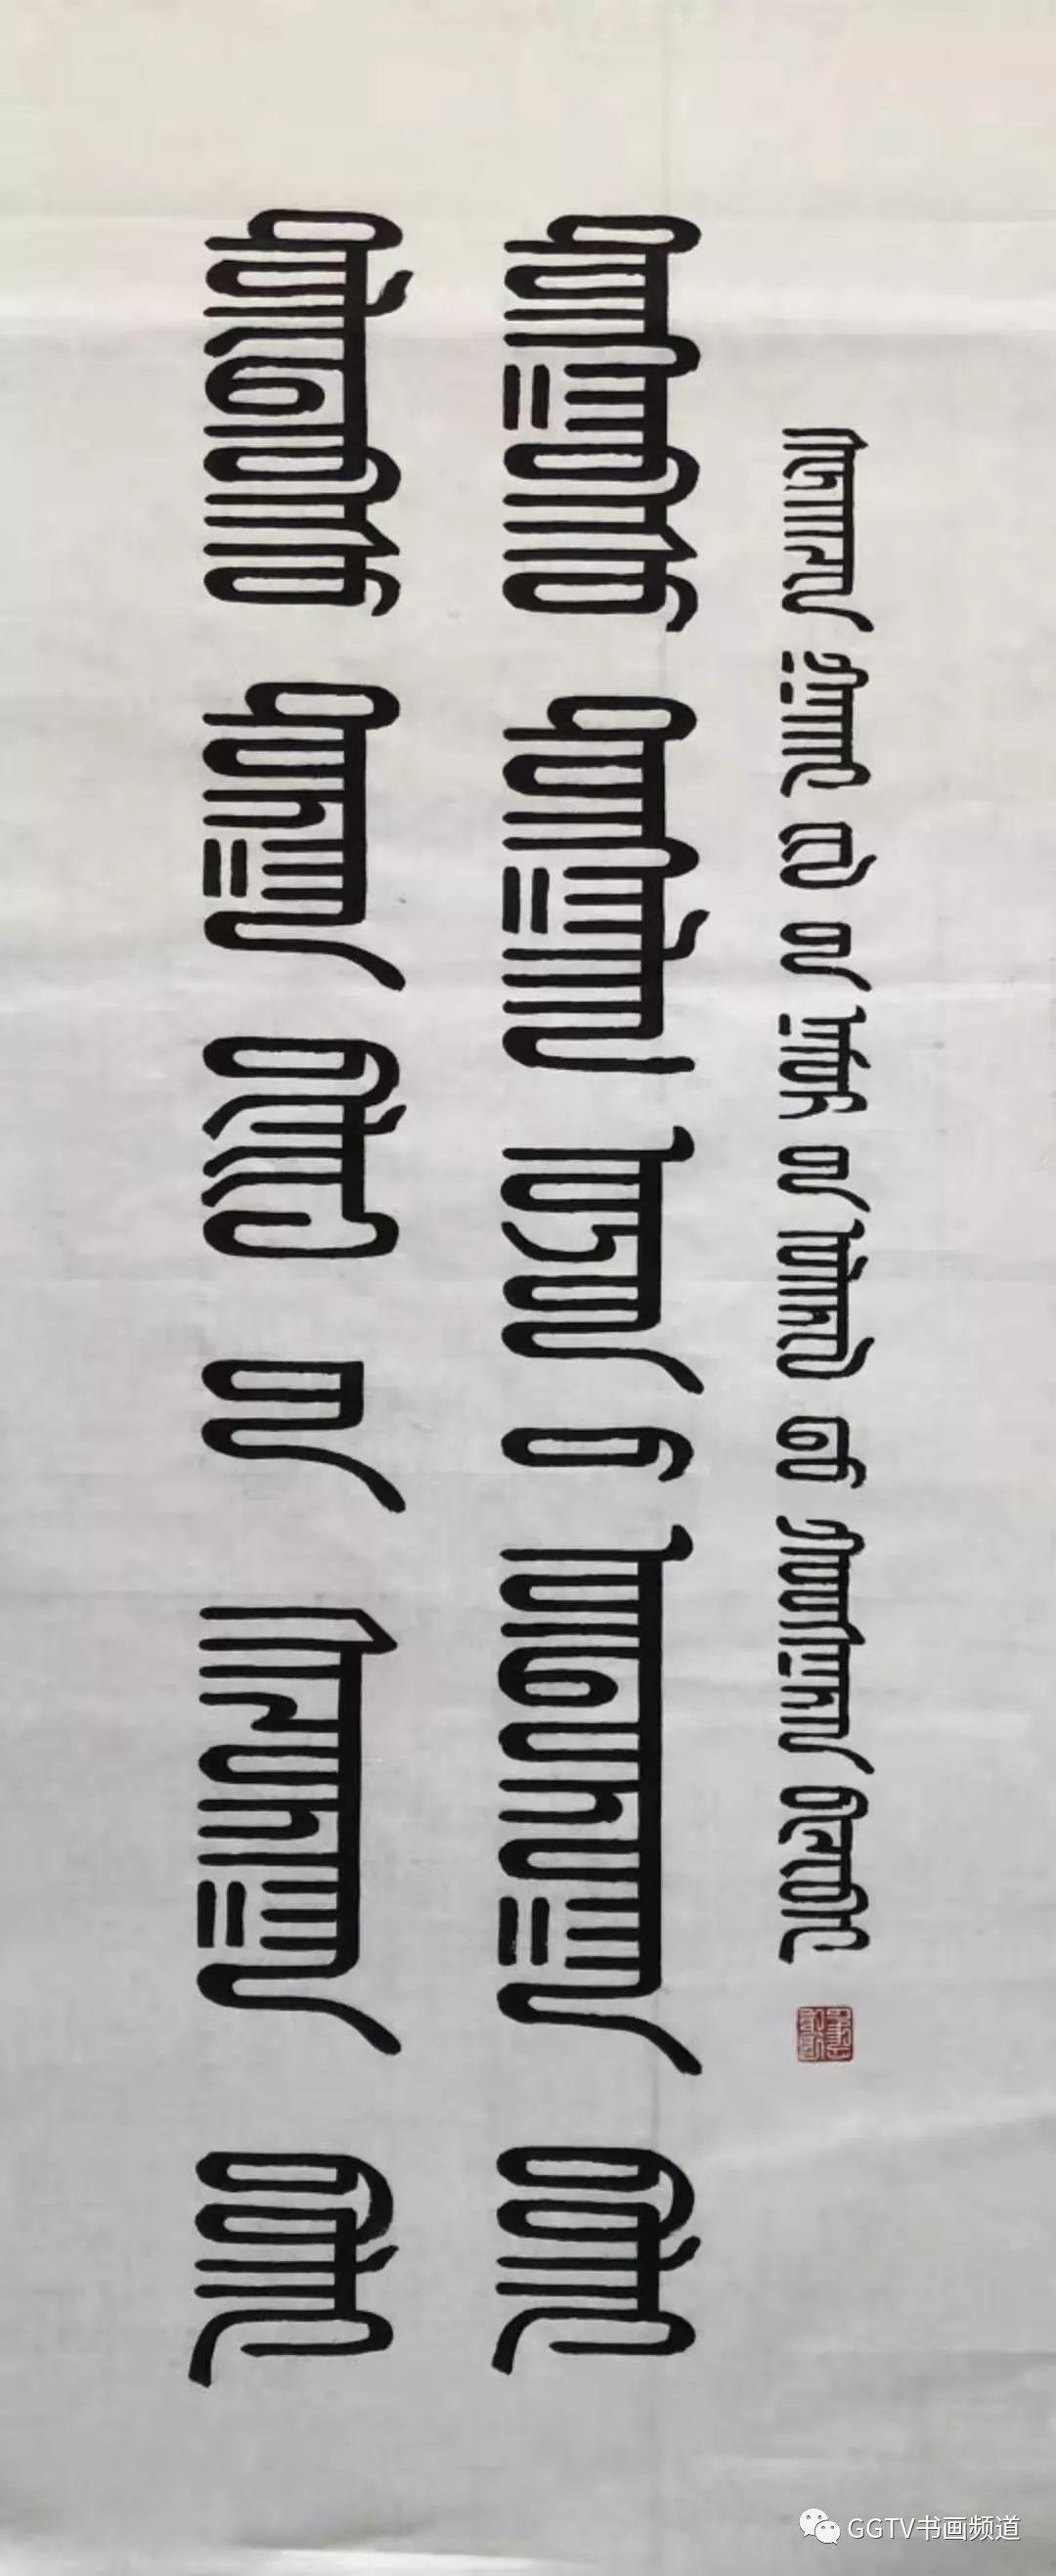 庆祝建国70周年全国优秀艺术家  —— 鲍好斯那拉作品展 第14张 庆祝建国70周年全国优秀艺术家   ——  鲍好斯那拉作品展 蒙古书法